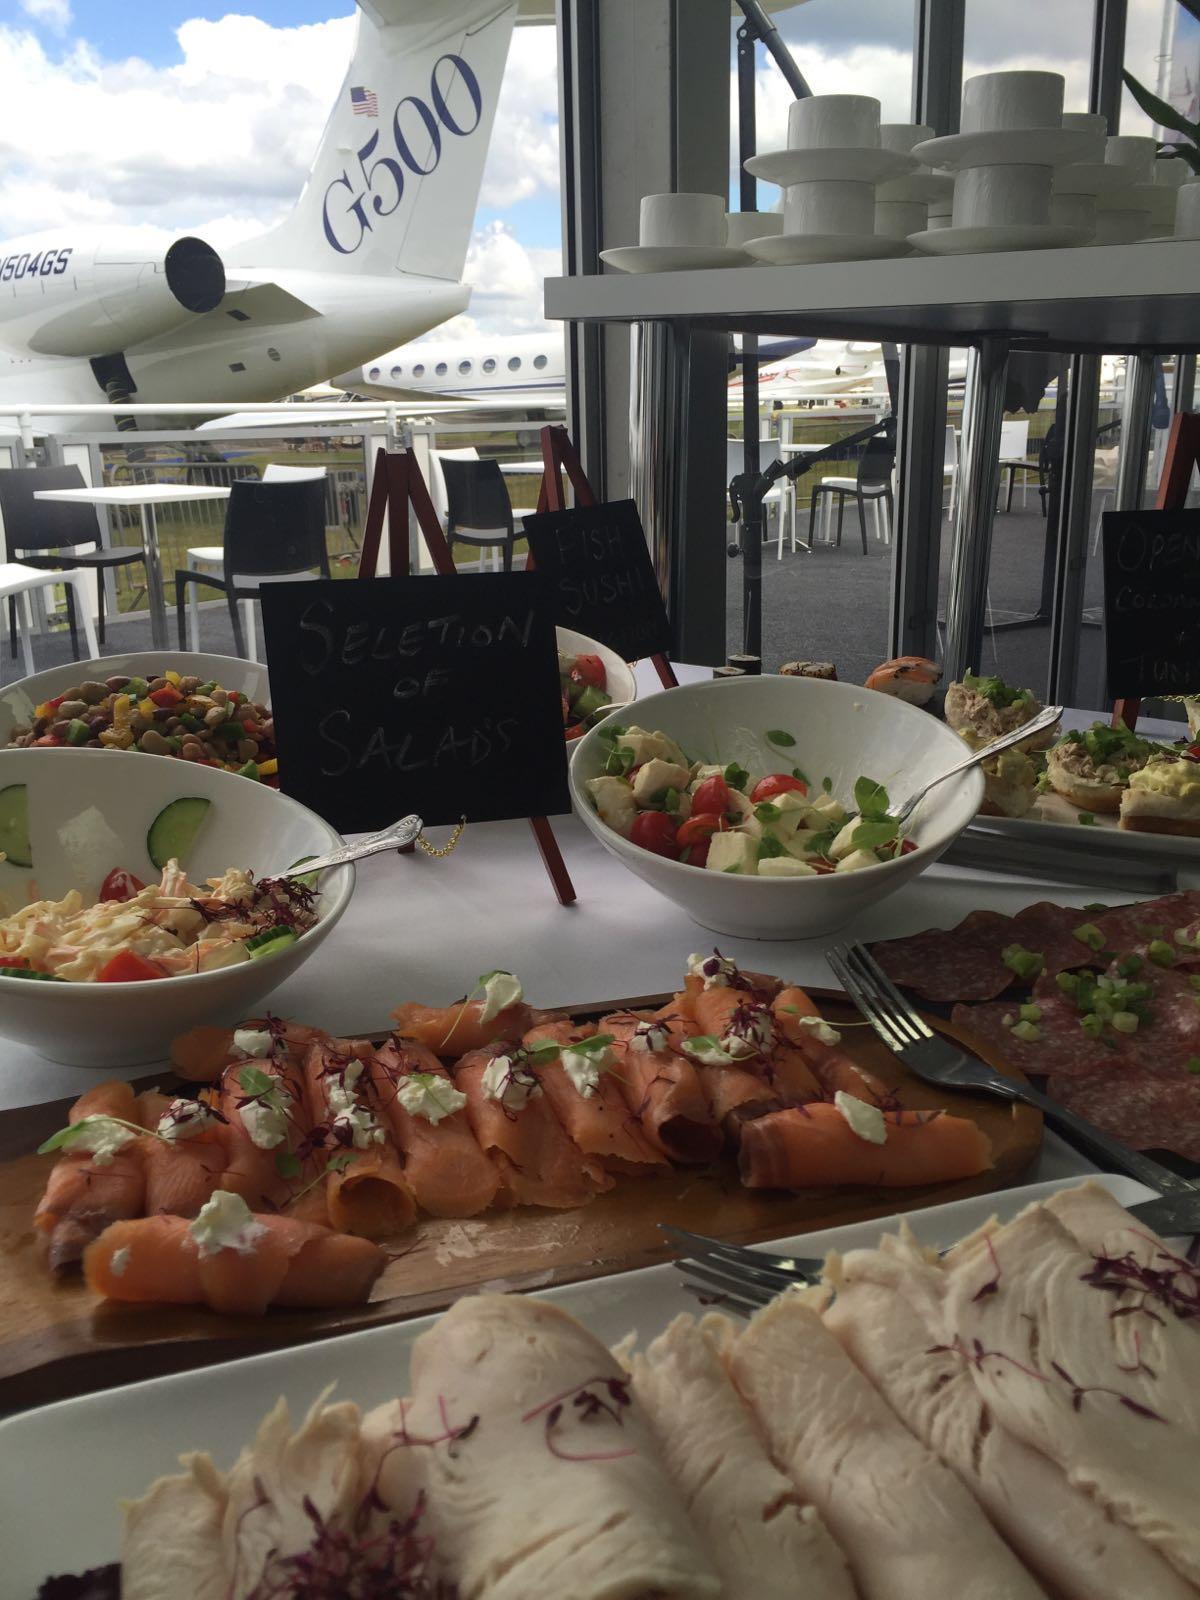 Spiros catering for Farnborough Air Show 2016